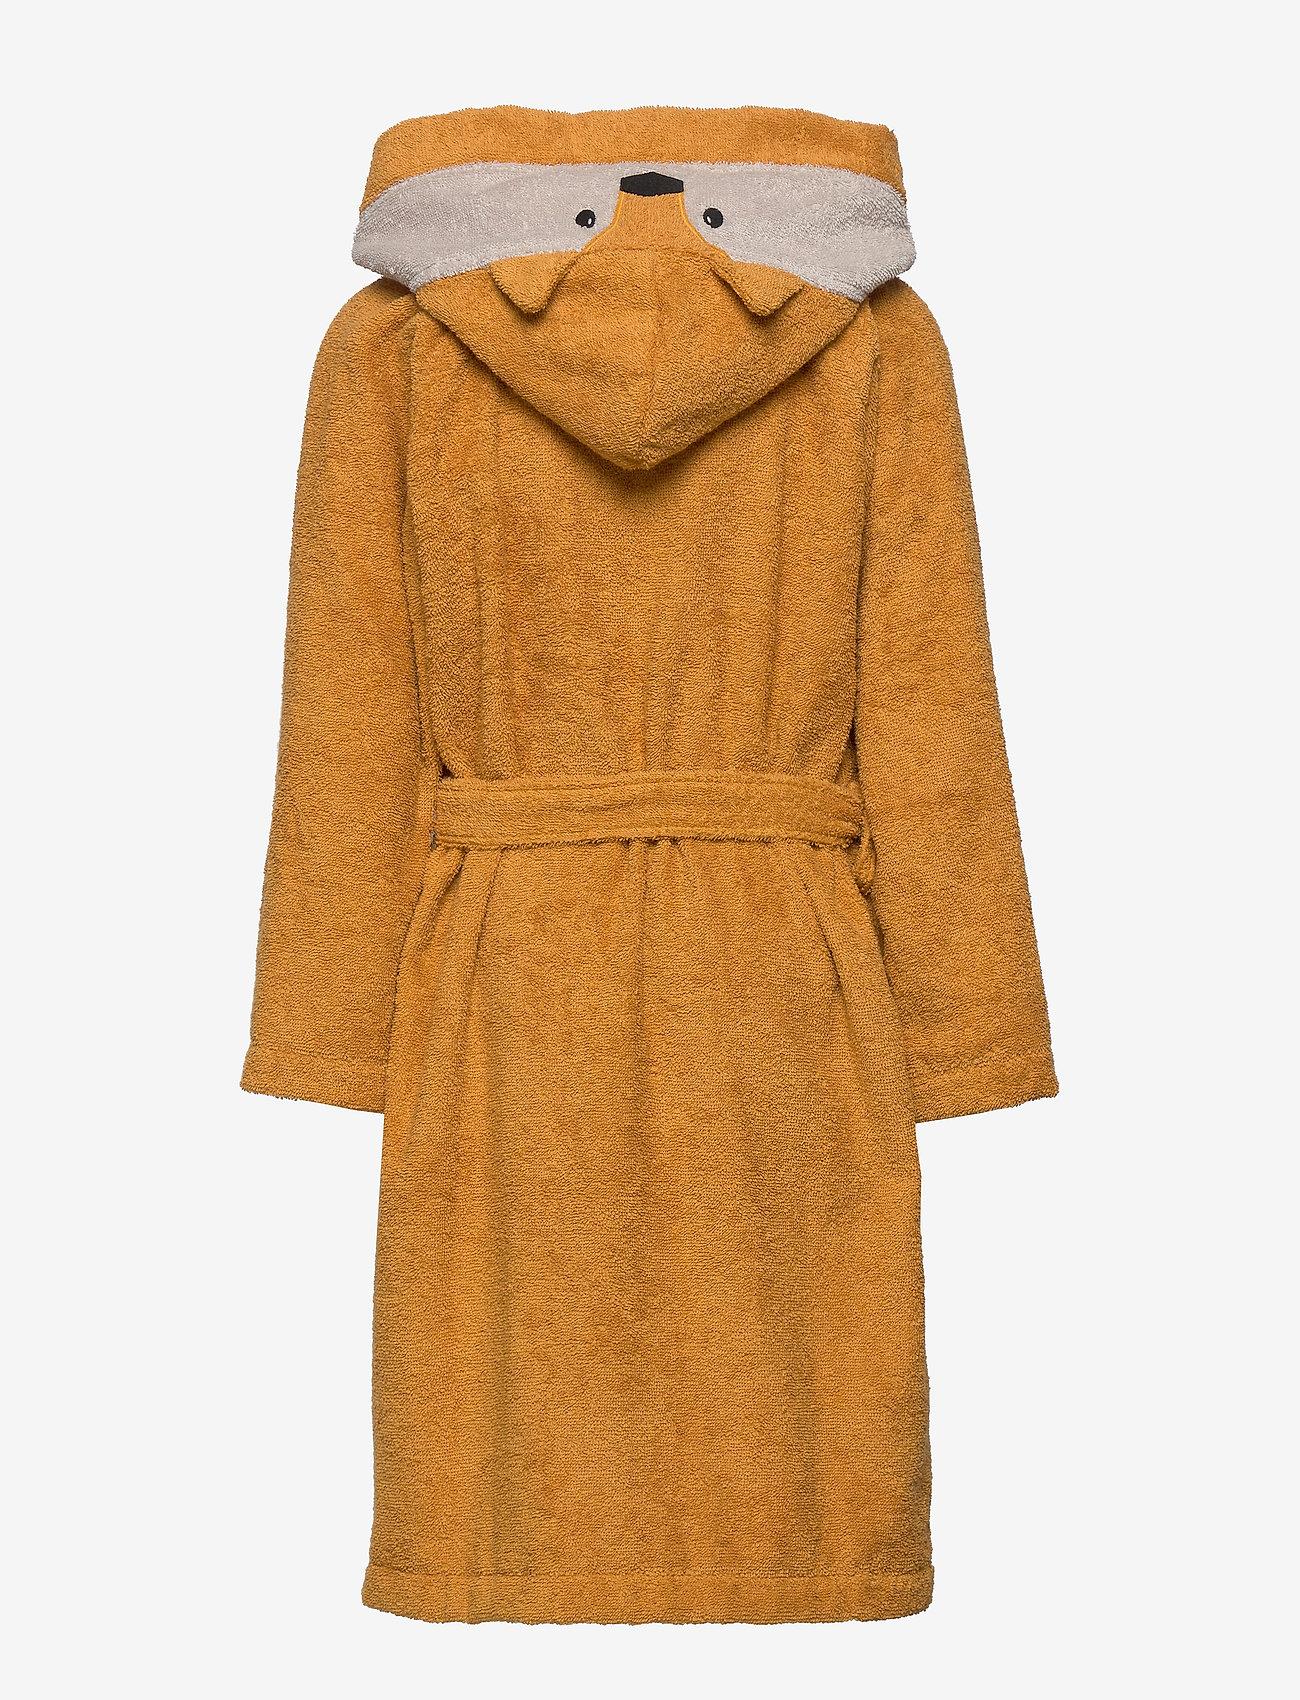 Liewood - Lily bathrobe - bathrobes - fox mustard - 1